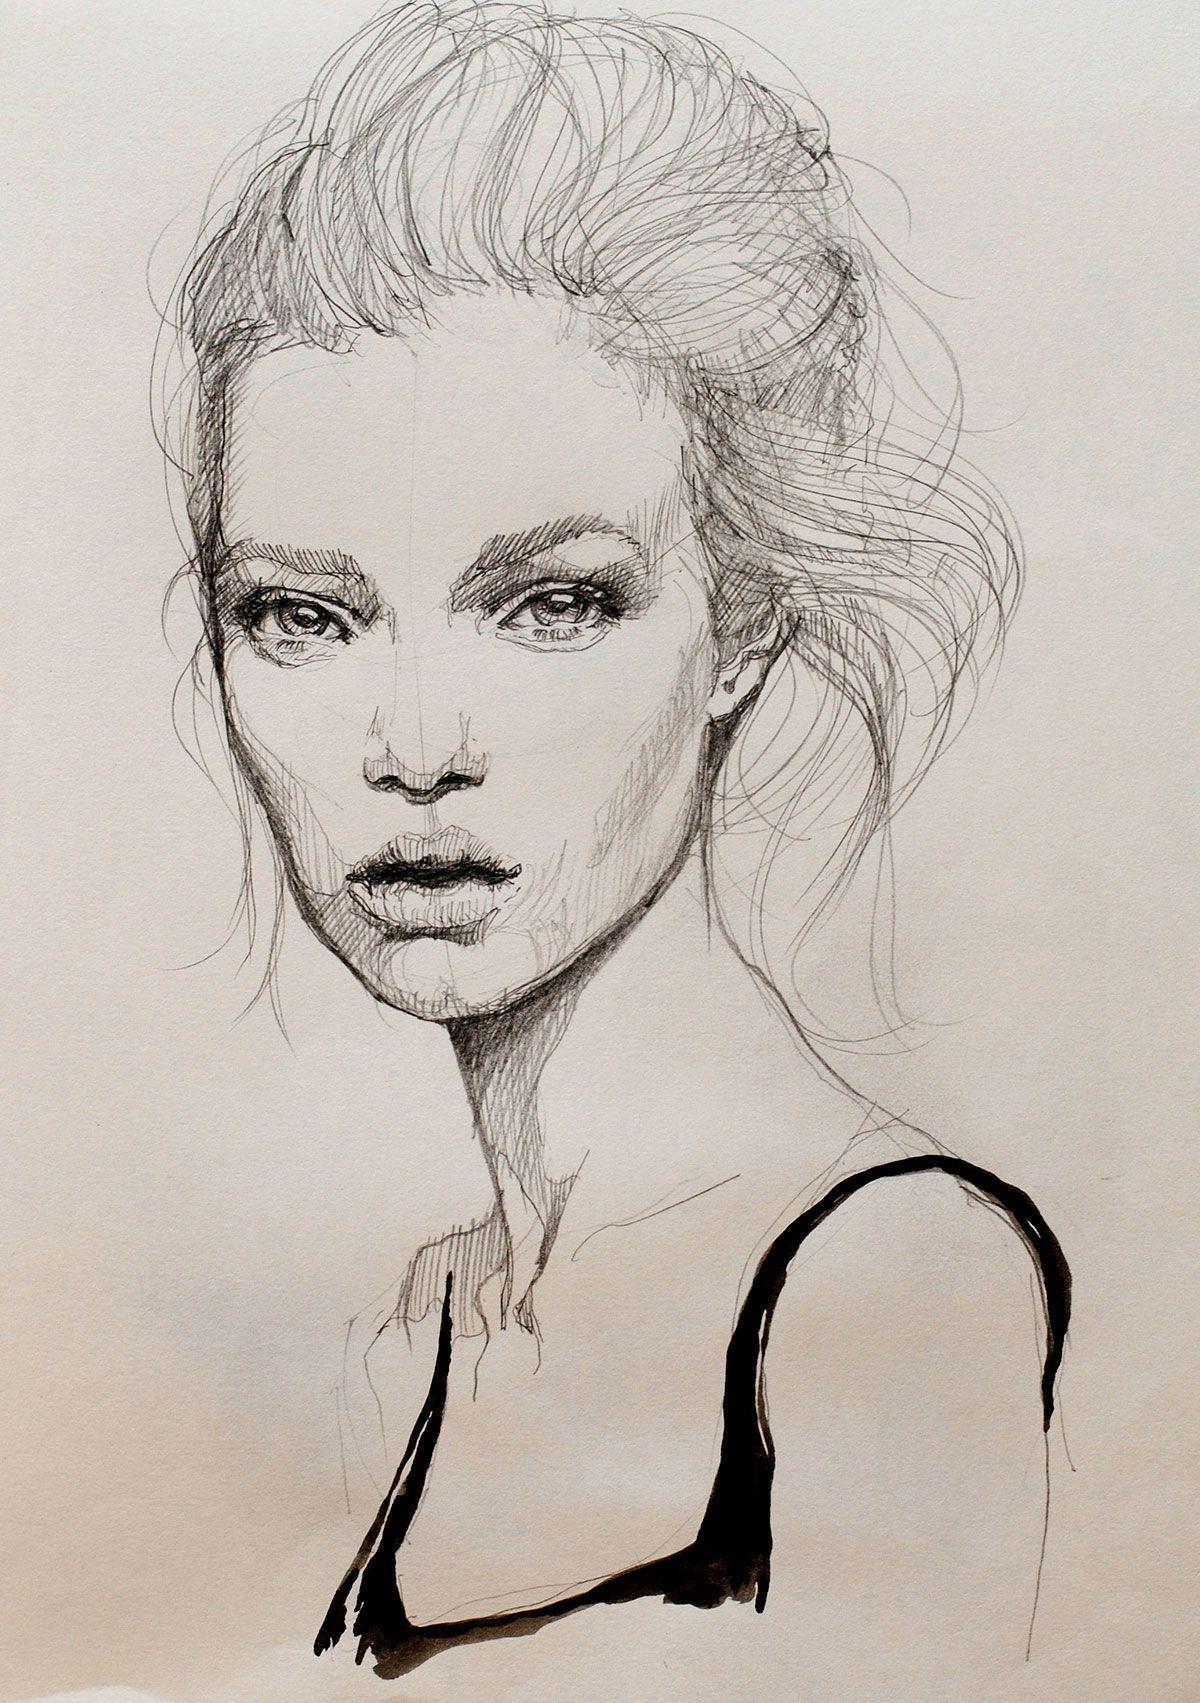 Women drawings tumblr images for Beautiful drawings tumblr